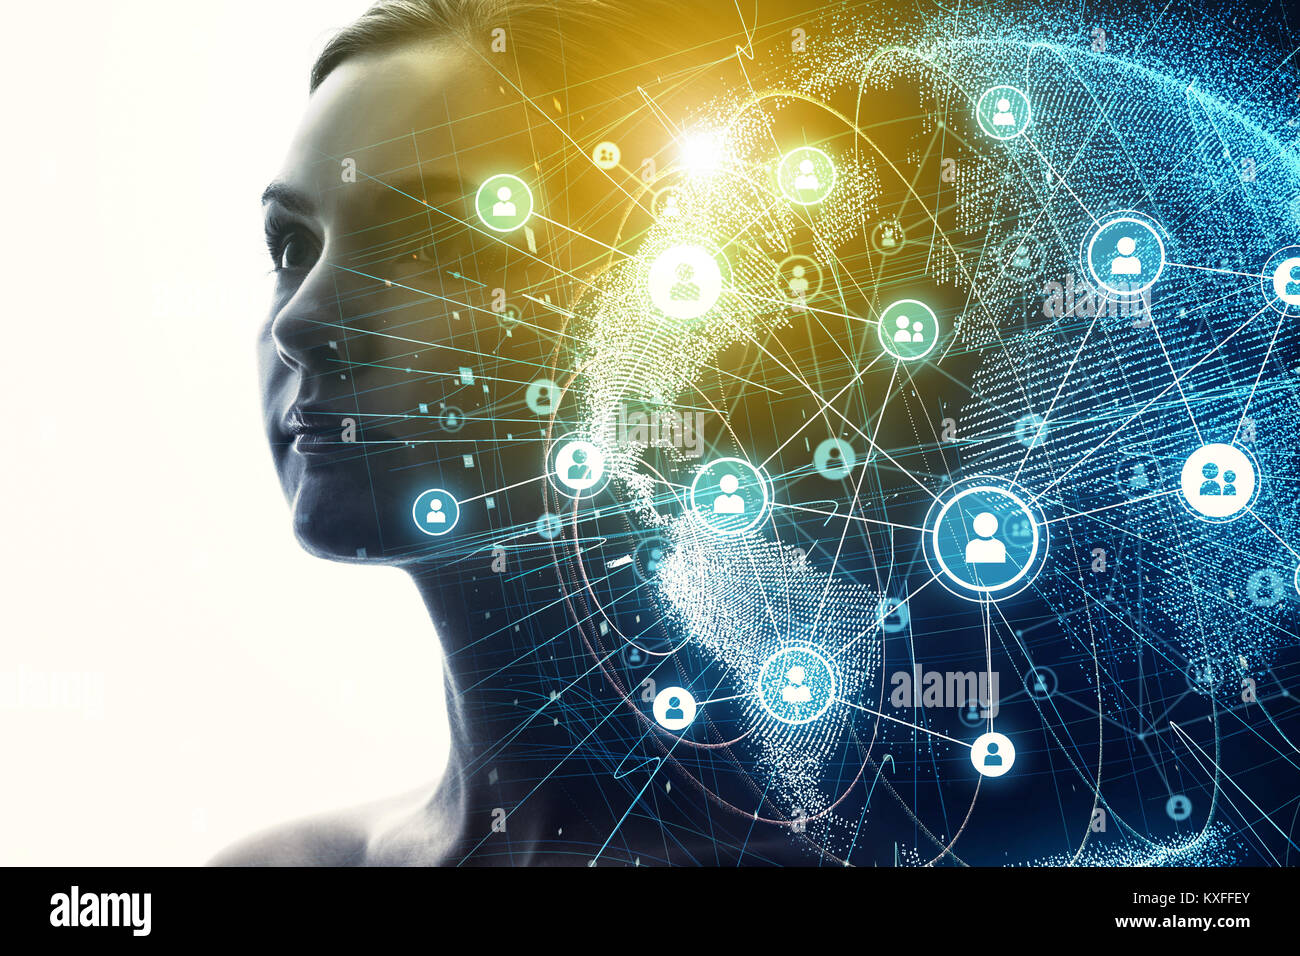 Die globale Kommunikation Netzwerk und KI (Künstliche Intelligenz) Konzept. Stockbild